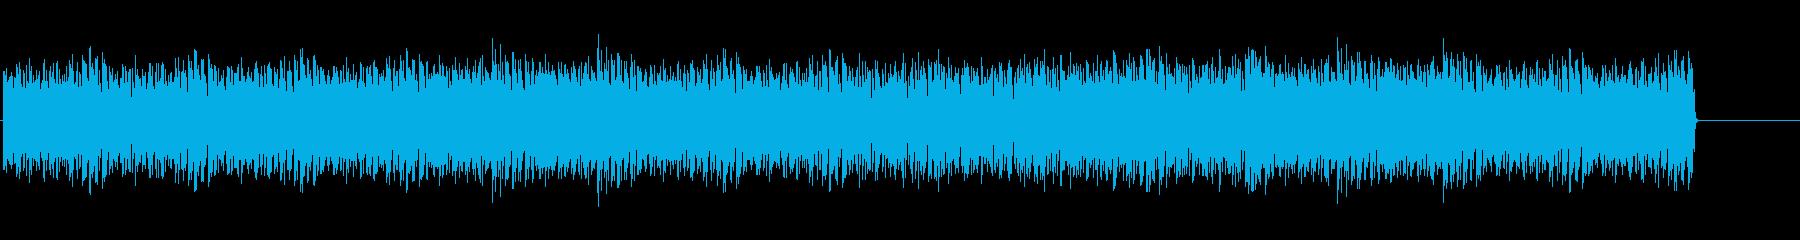 スピード感のあるテクノ(メニュー画面)の再生済みの波形